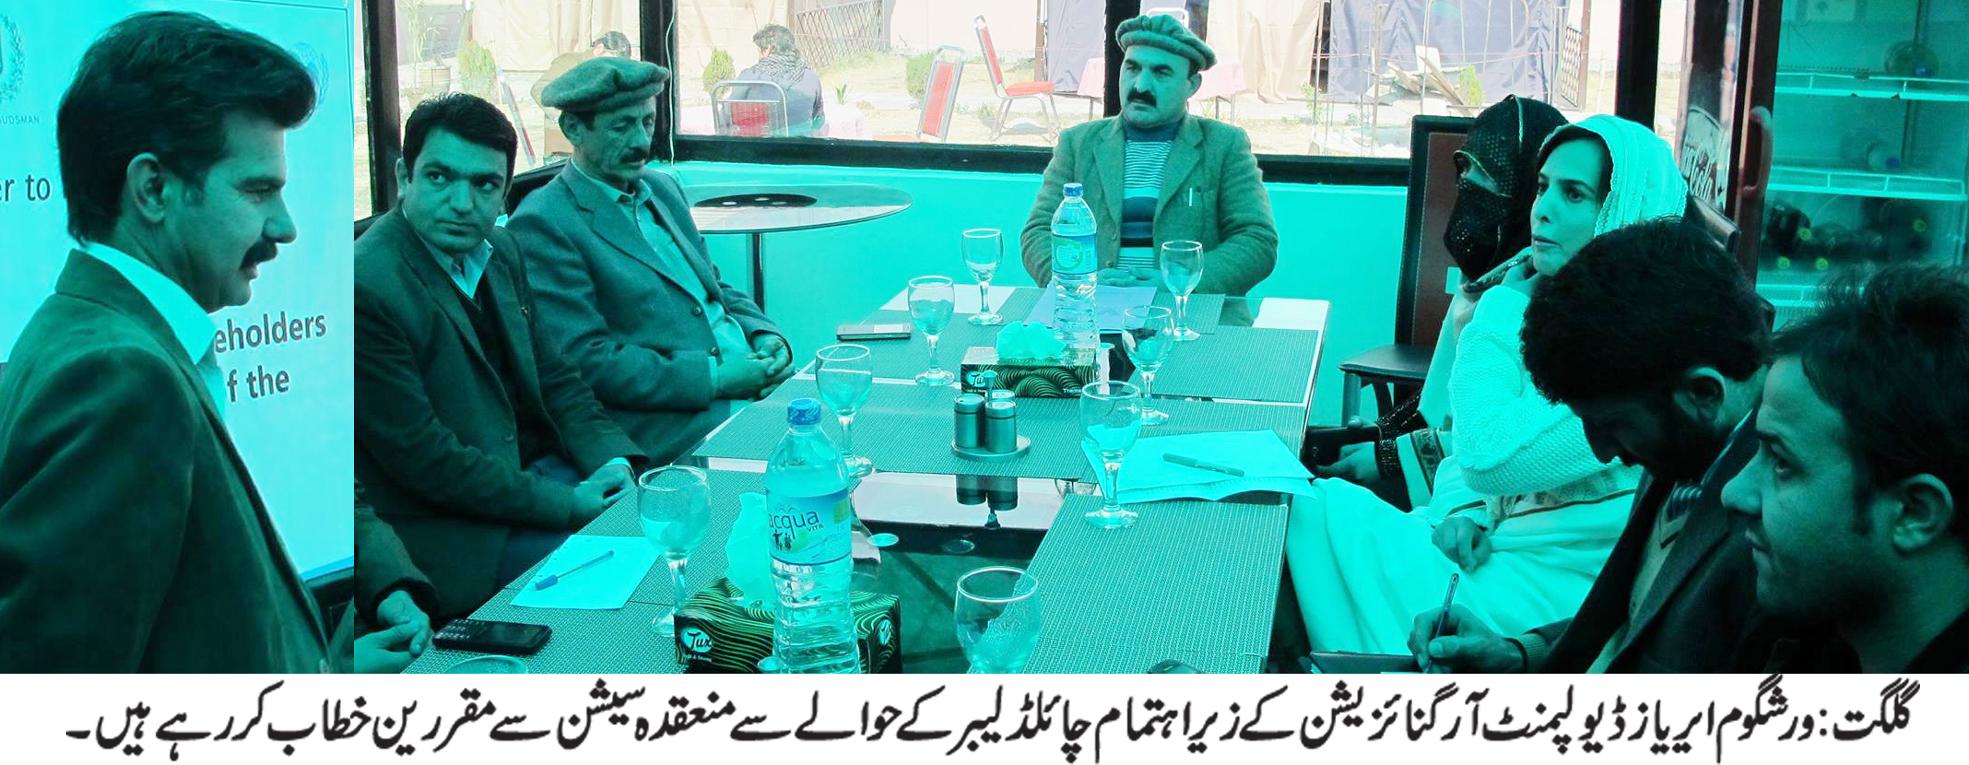 سارا نظام سڑا ہوا ہے، درست کرنے میں وقت لگے گا، فدا خان وزیر سیاحت